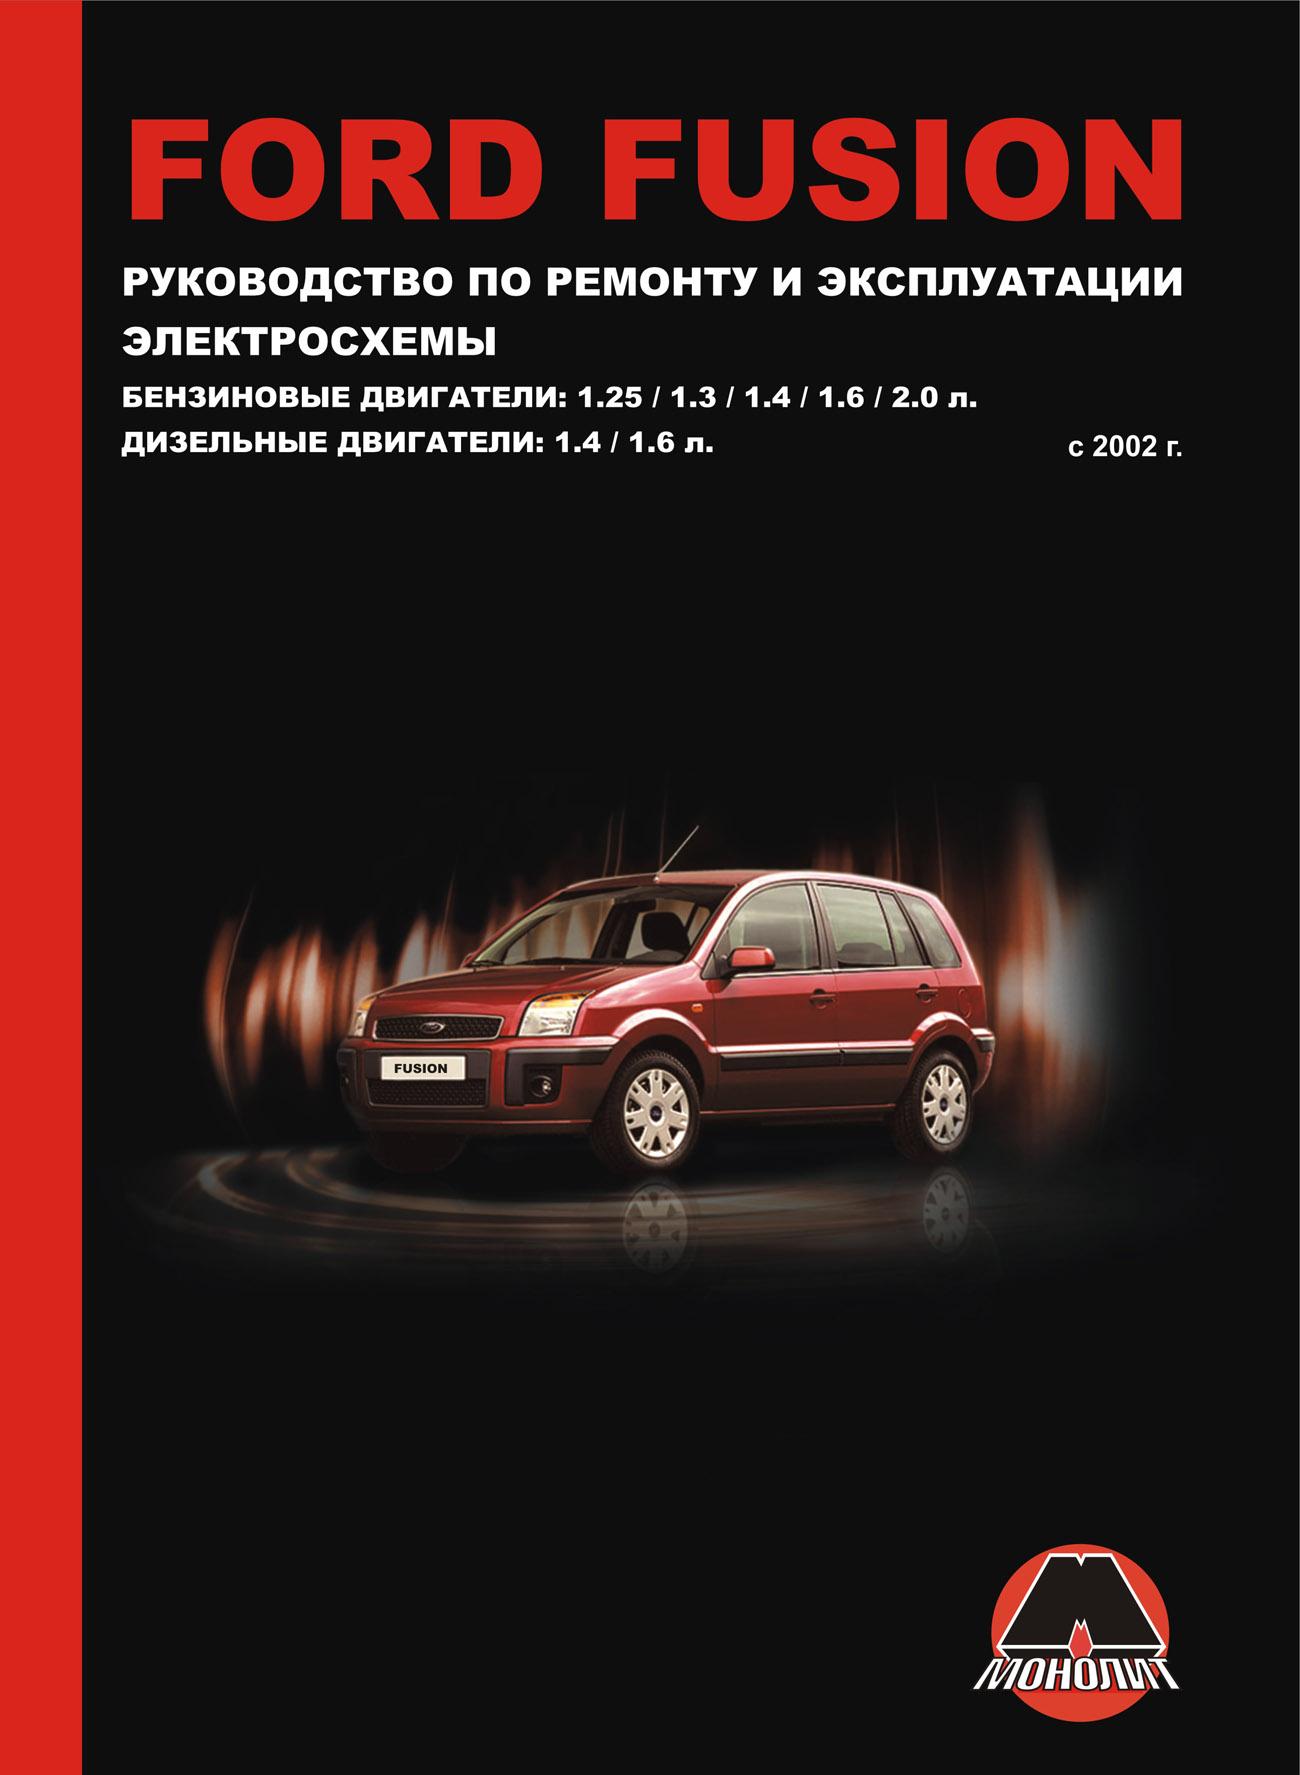 Описание: Справочное издание Книга по ремонту Ford Fusion, руководство по эксплуатации и техническому обслуживанию...